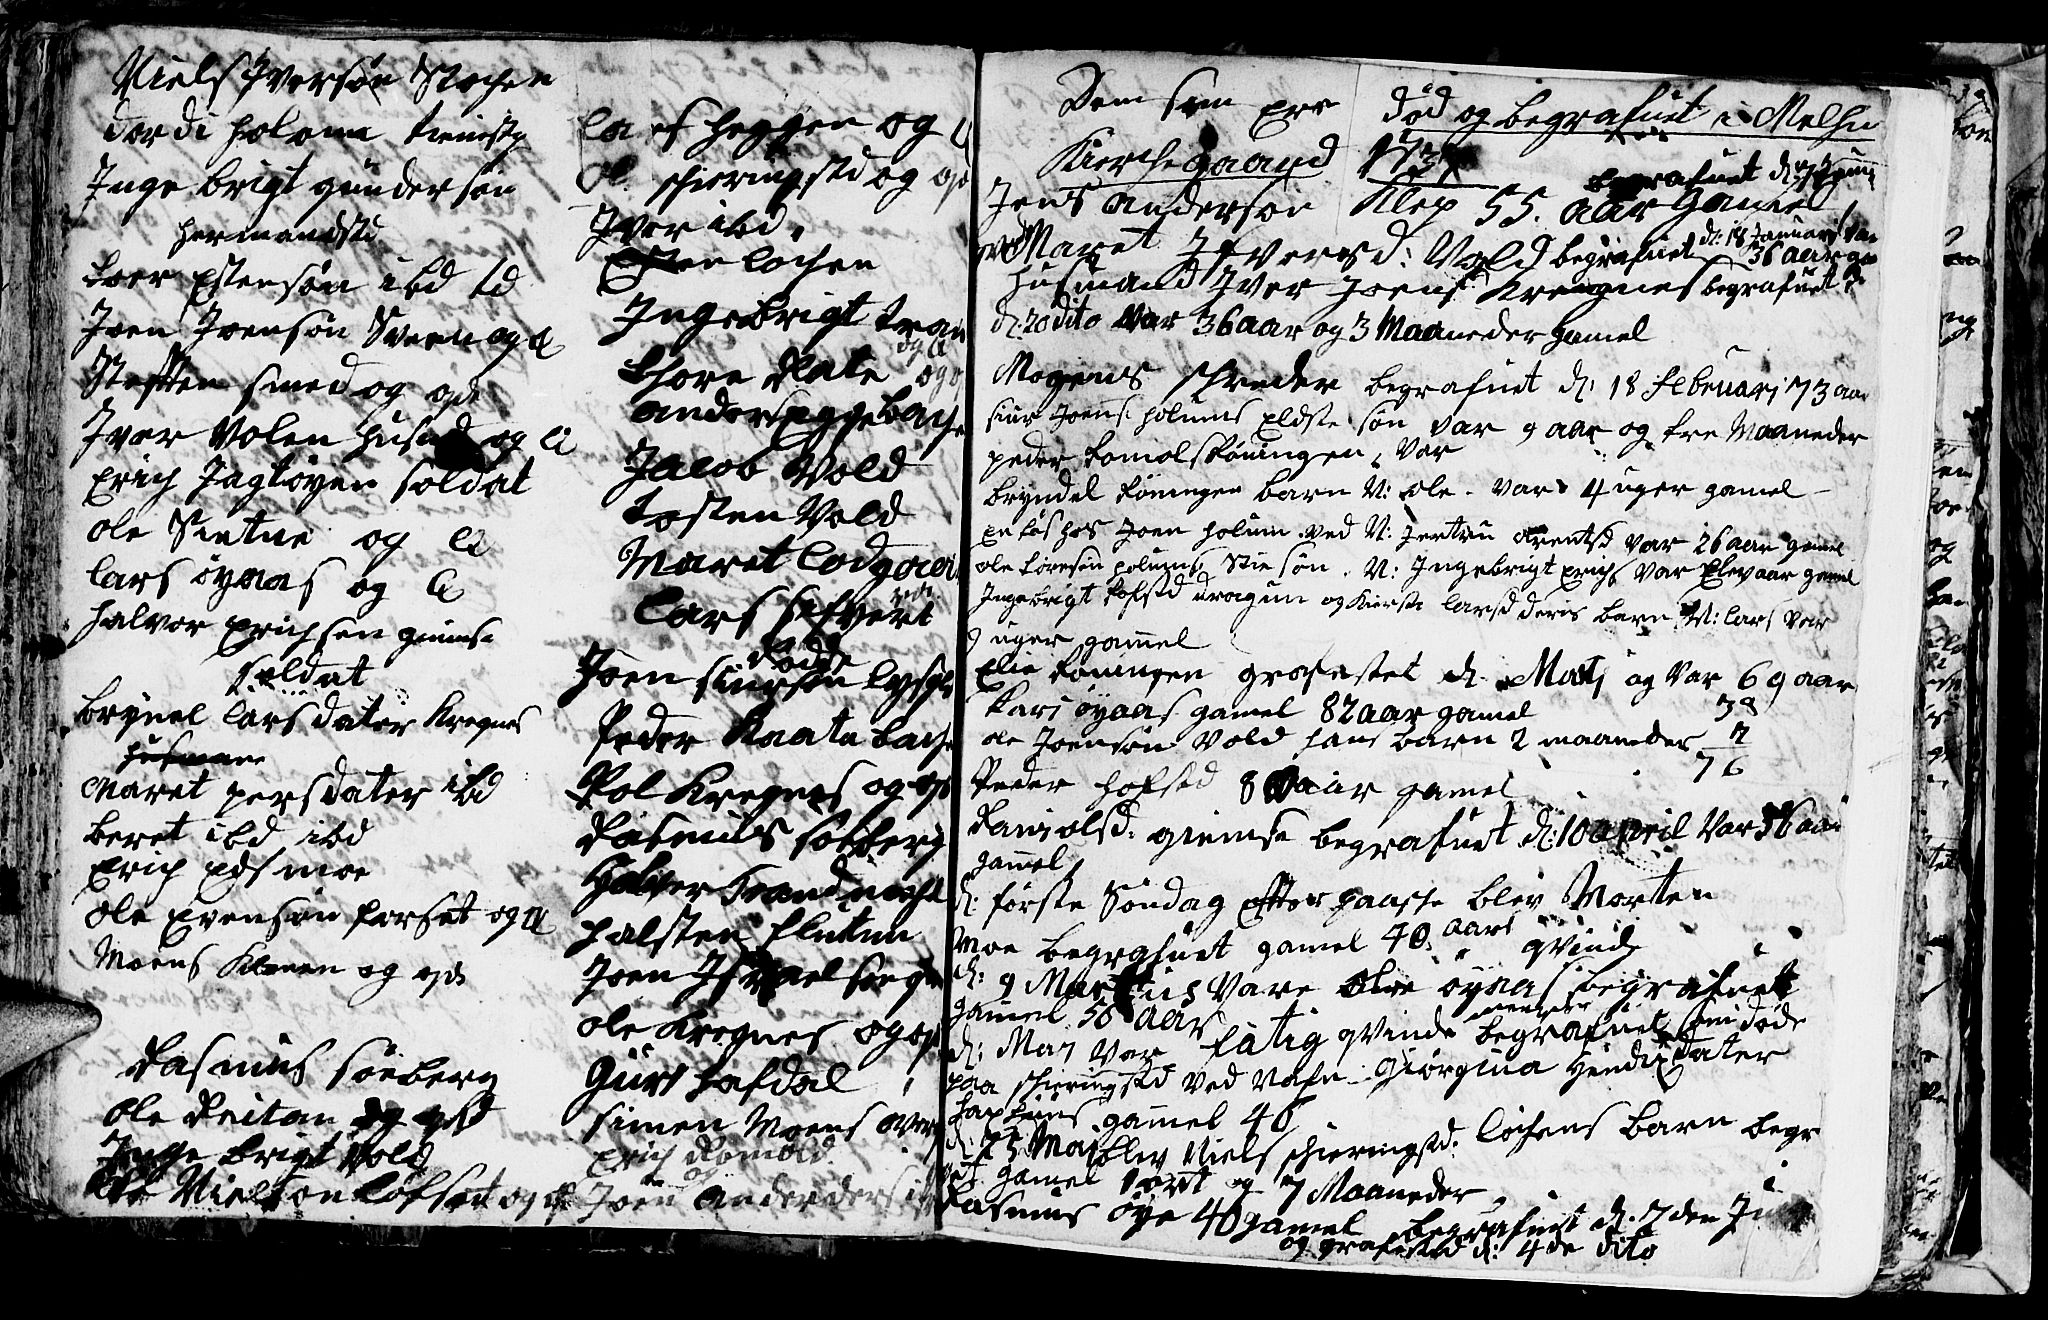 SAT, Ministerialprotokoller, klokkerbøker og fødselsregistre - Sør-Trøndelag, 691/L1090: Klokkerbok nr. 691C01, 1732-1742